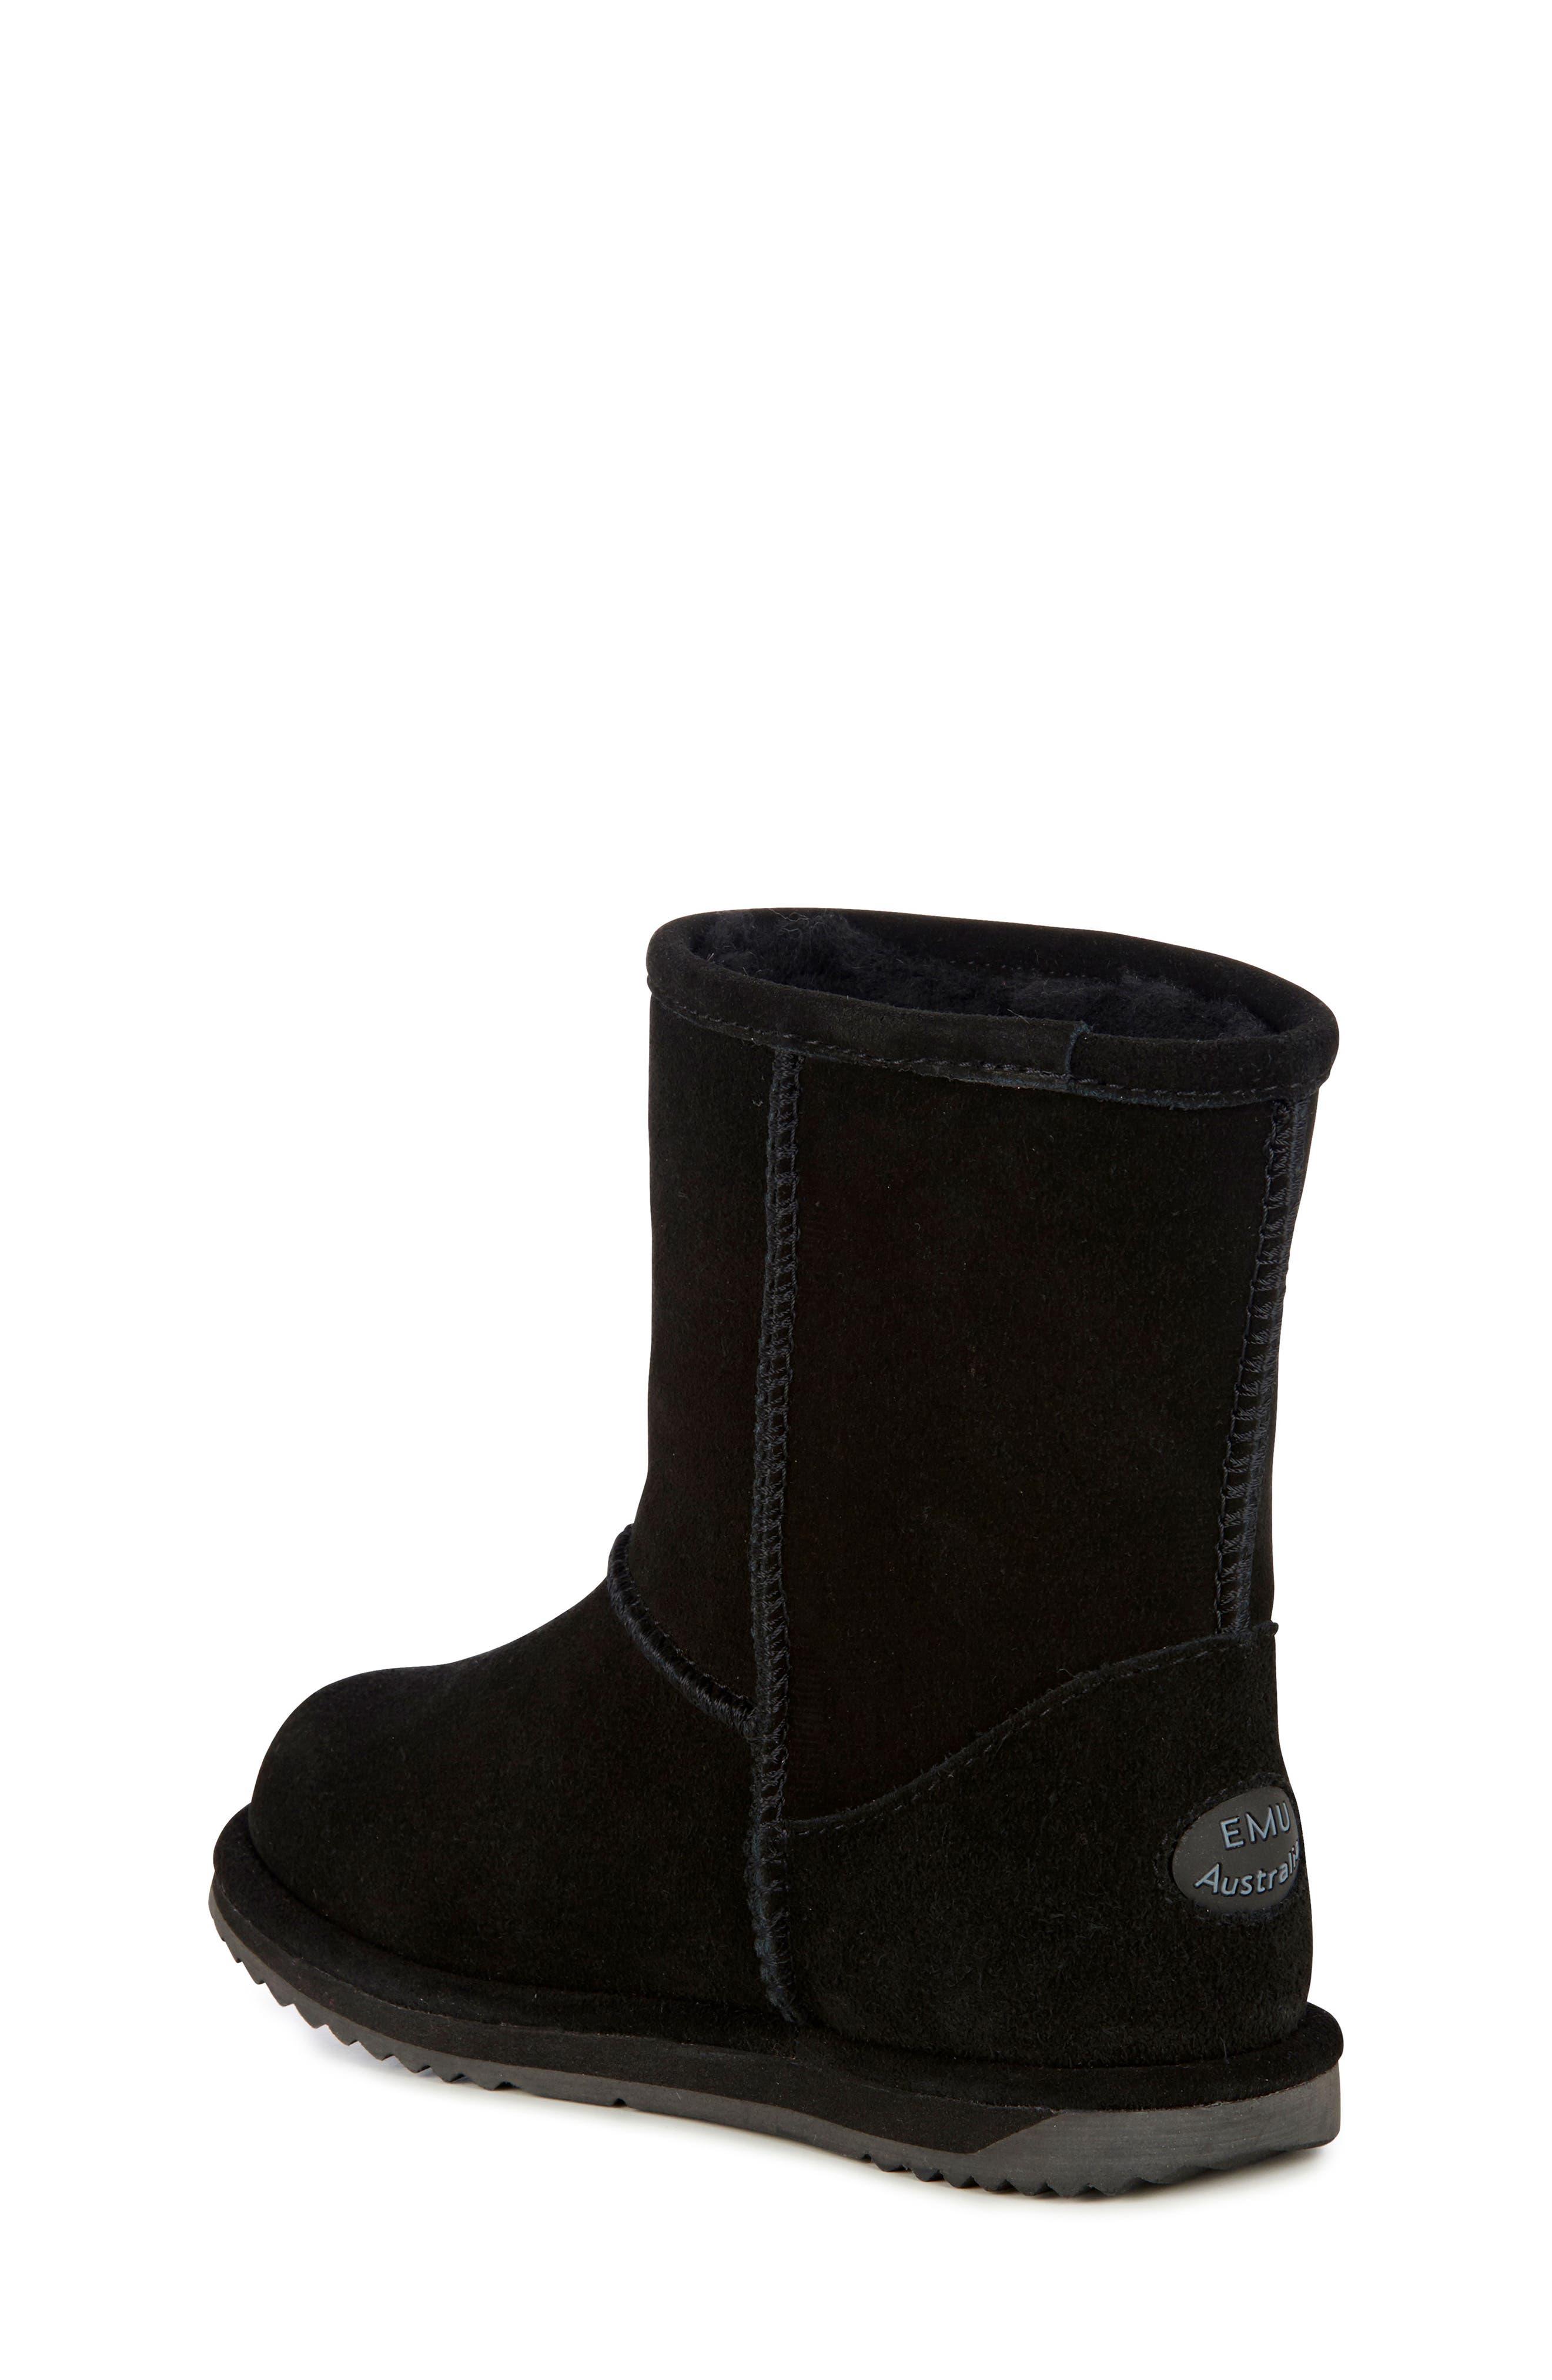 Brumby Waterproof Boot,                             Alternate thumbnail 2, color,                             BLACK SUEDE